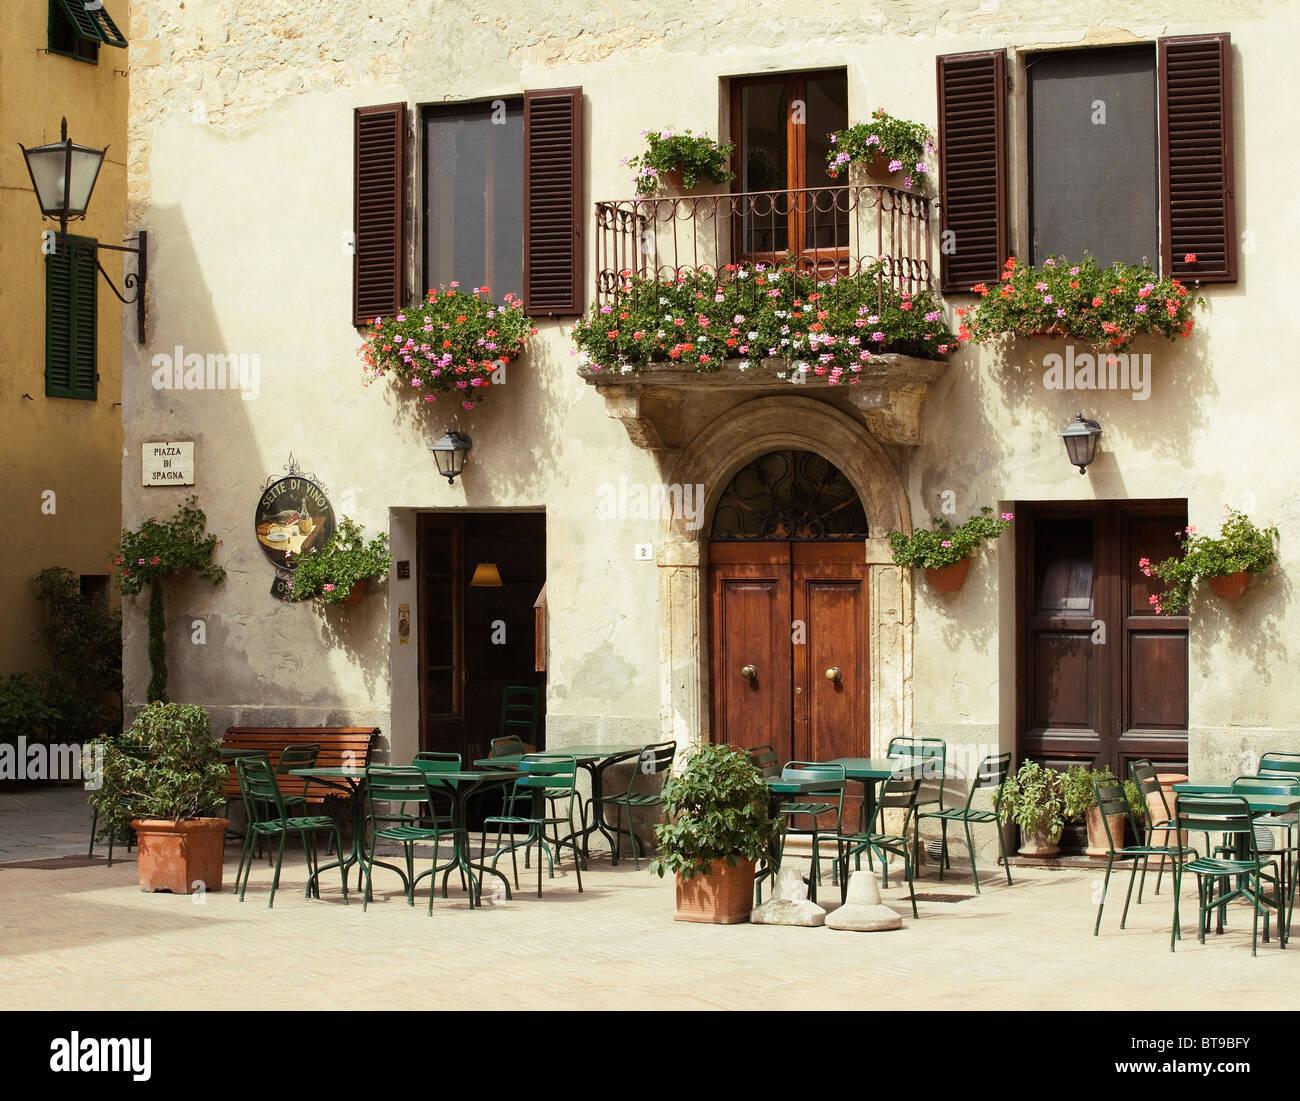 Pienza, zeigt Freiluft-Café / Restaurant mit Balkon - Toskana, Italien Stockbild